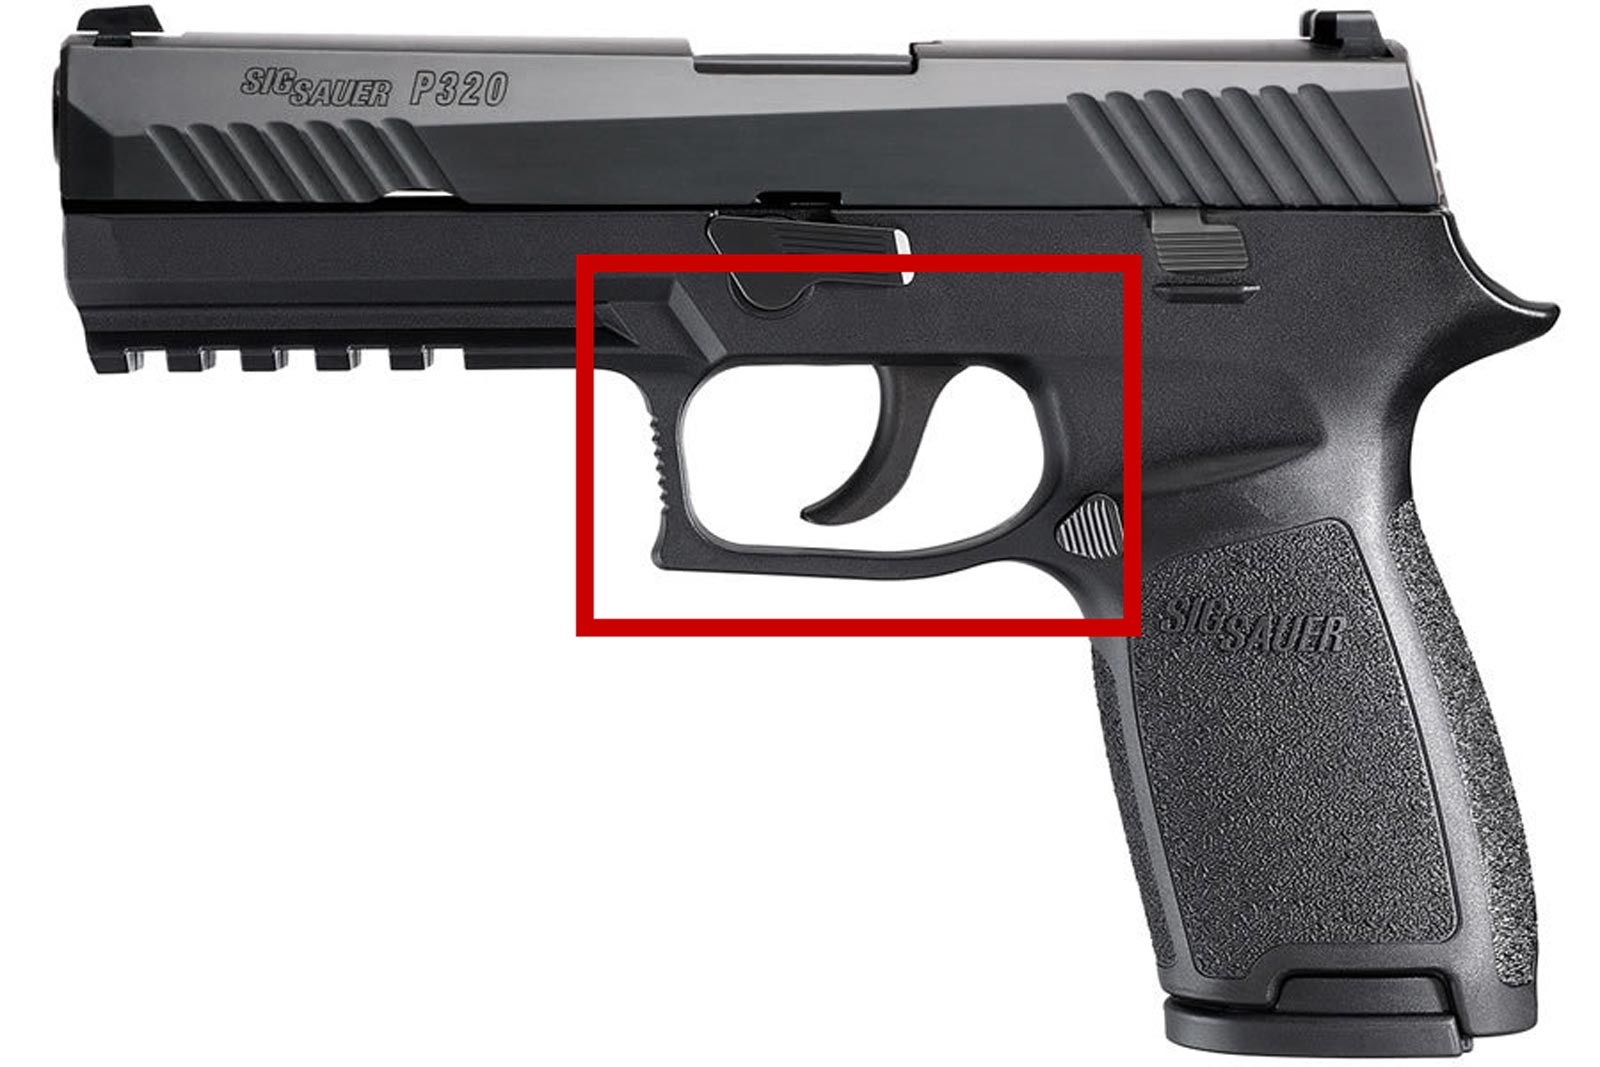 Gun manufacturer waited months to warn the public its pistol